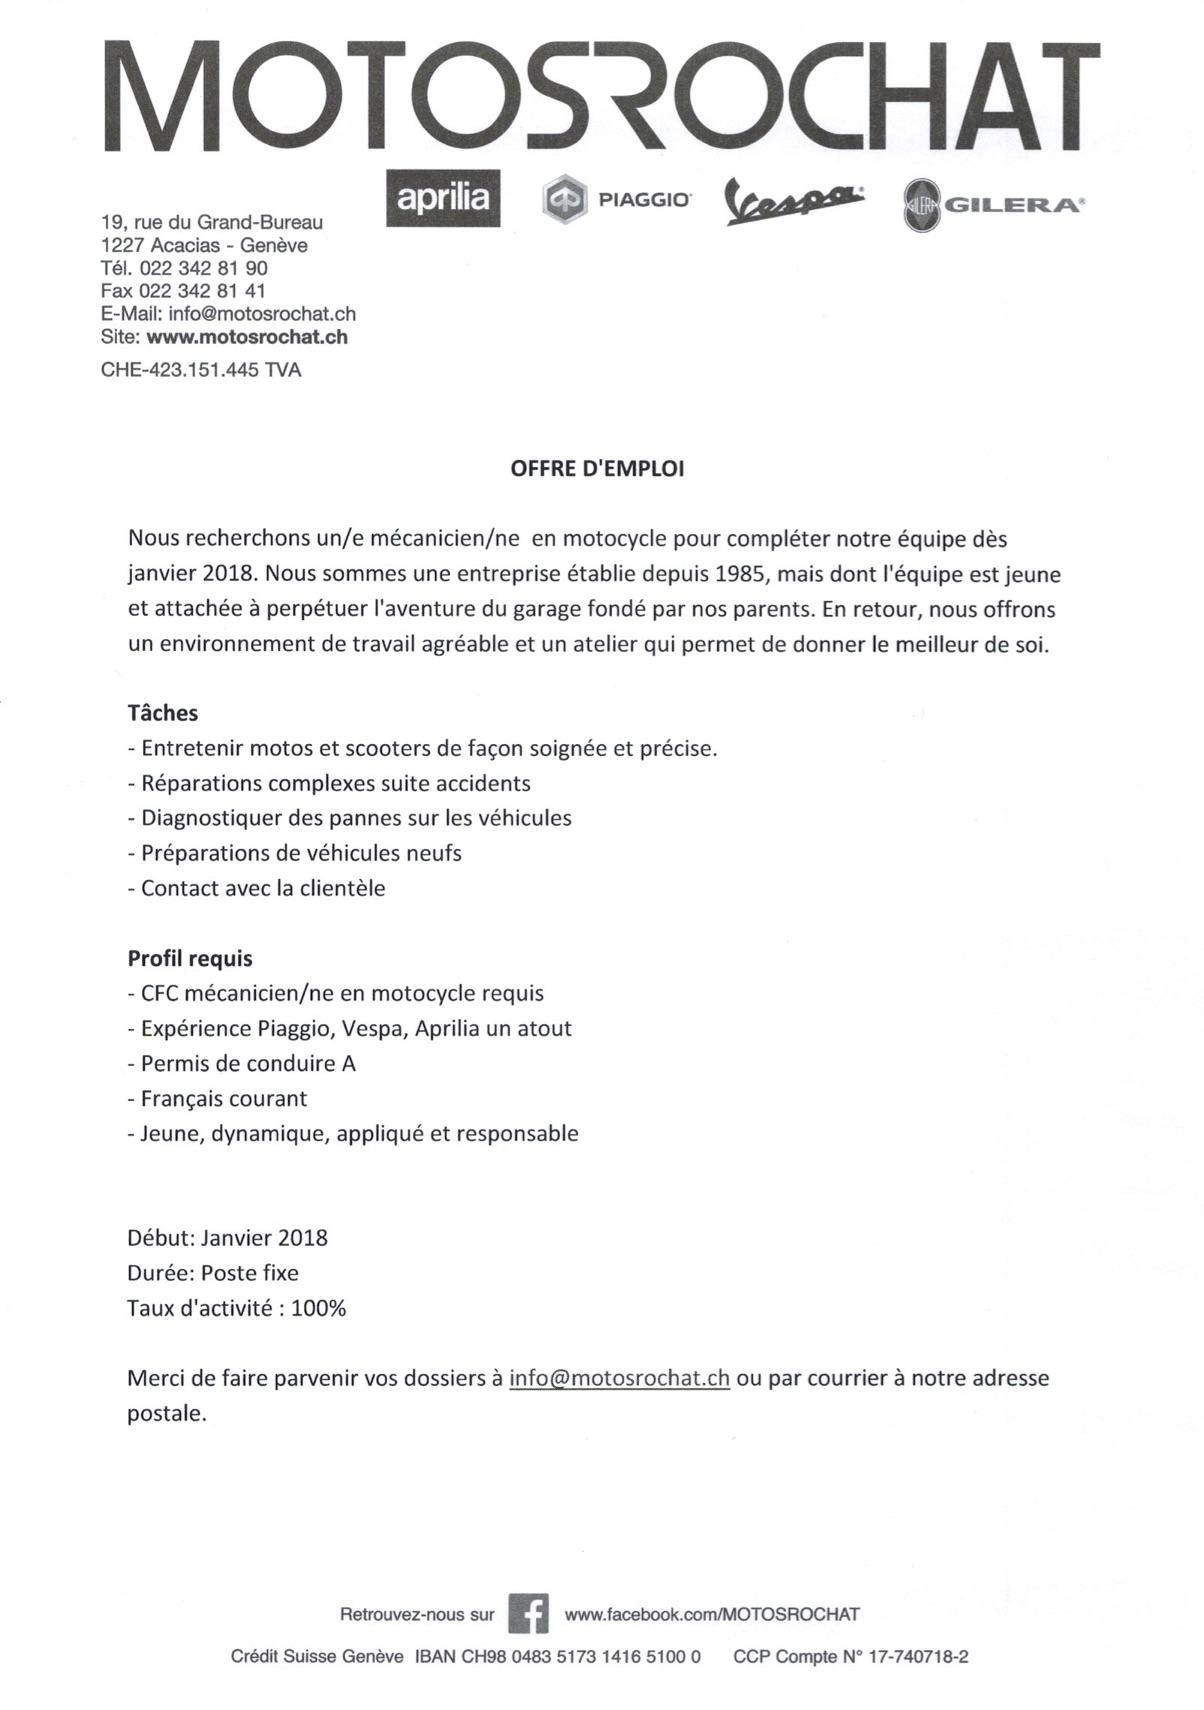 offre d 39 emploi motosrochat gen ve recherche un m canicien le site suisse de l